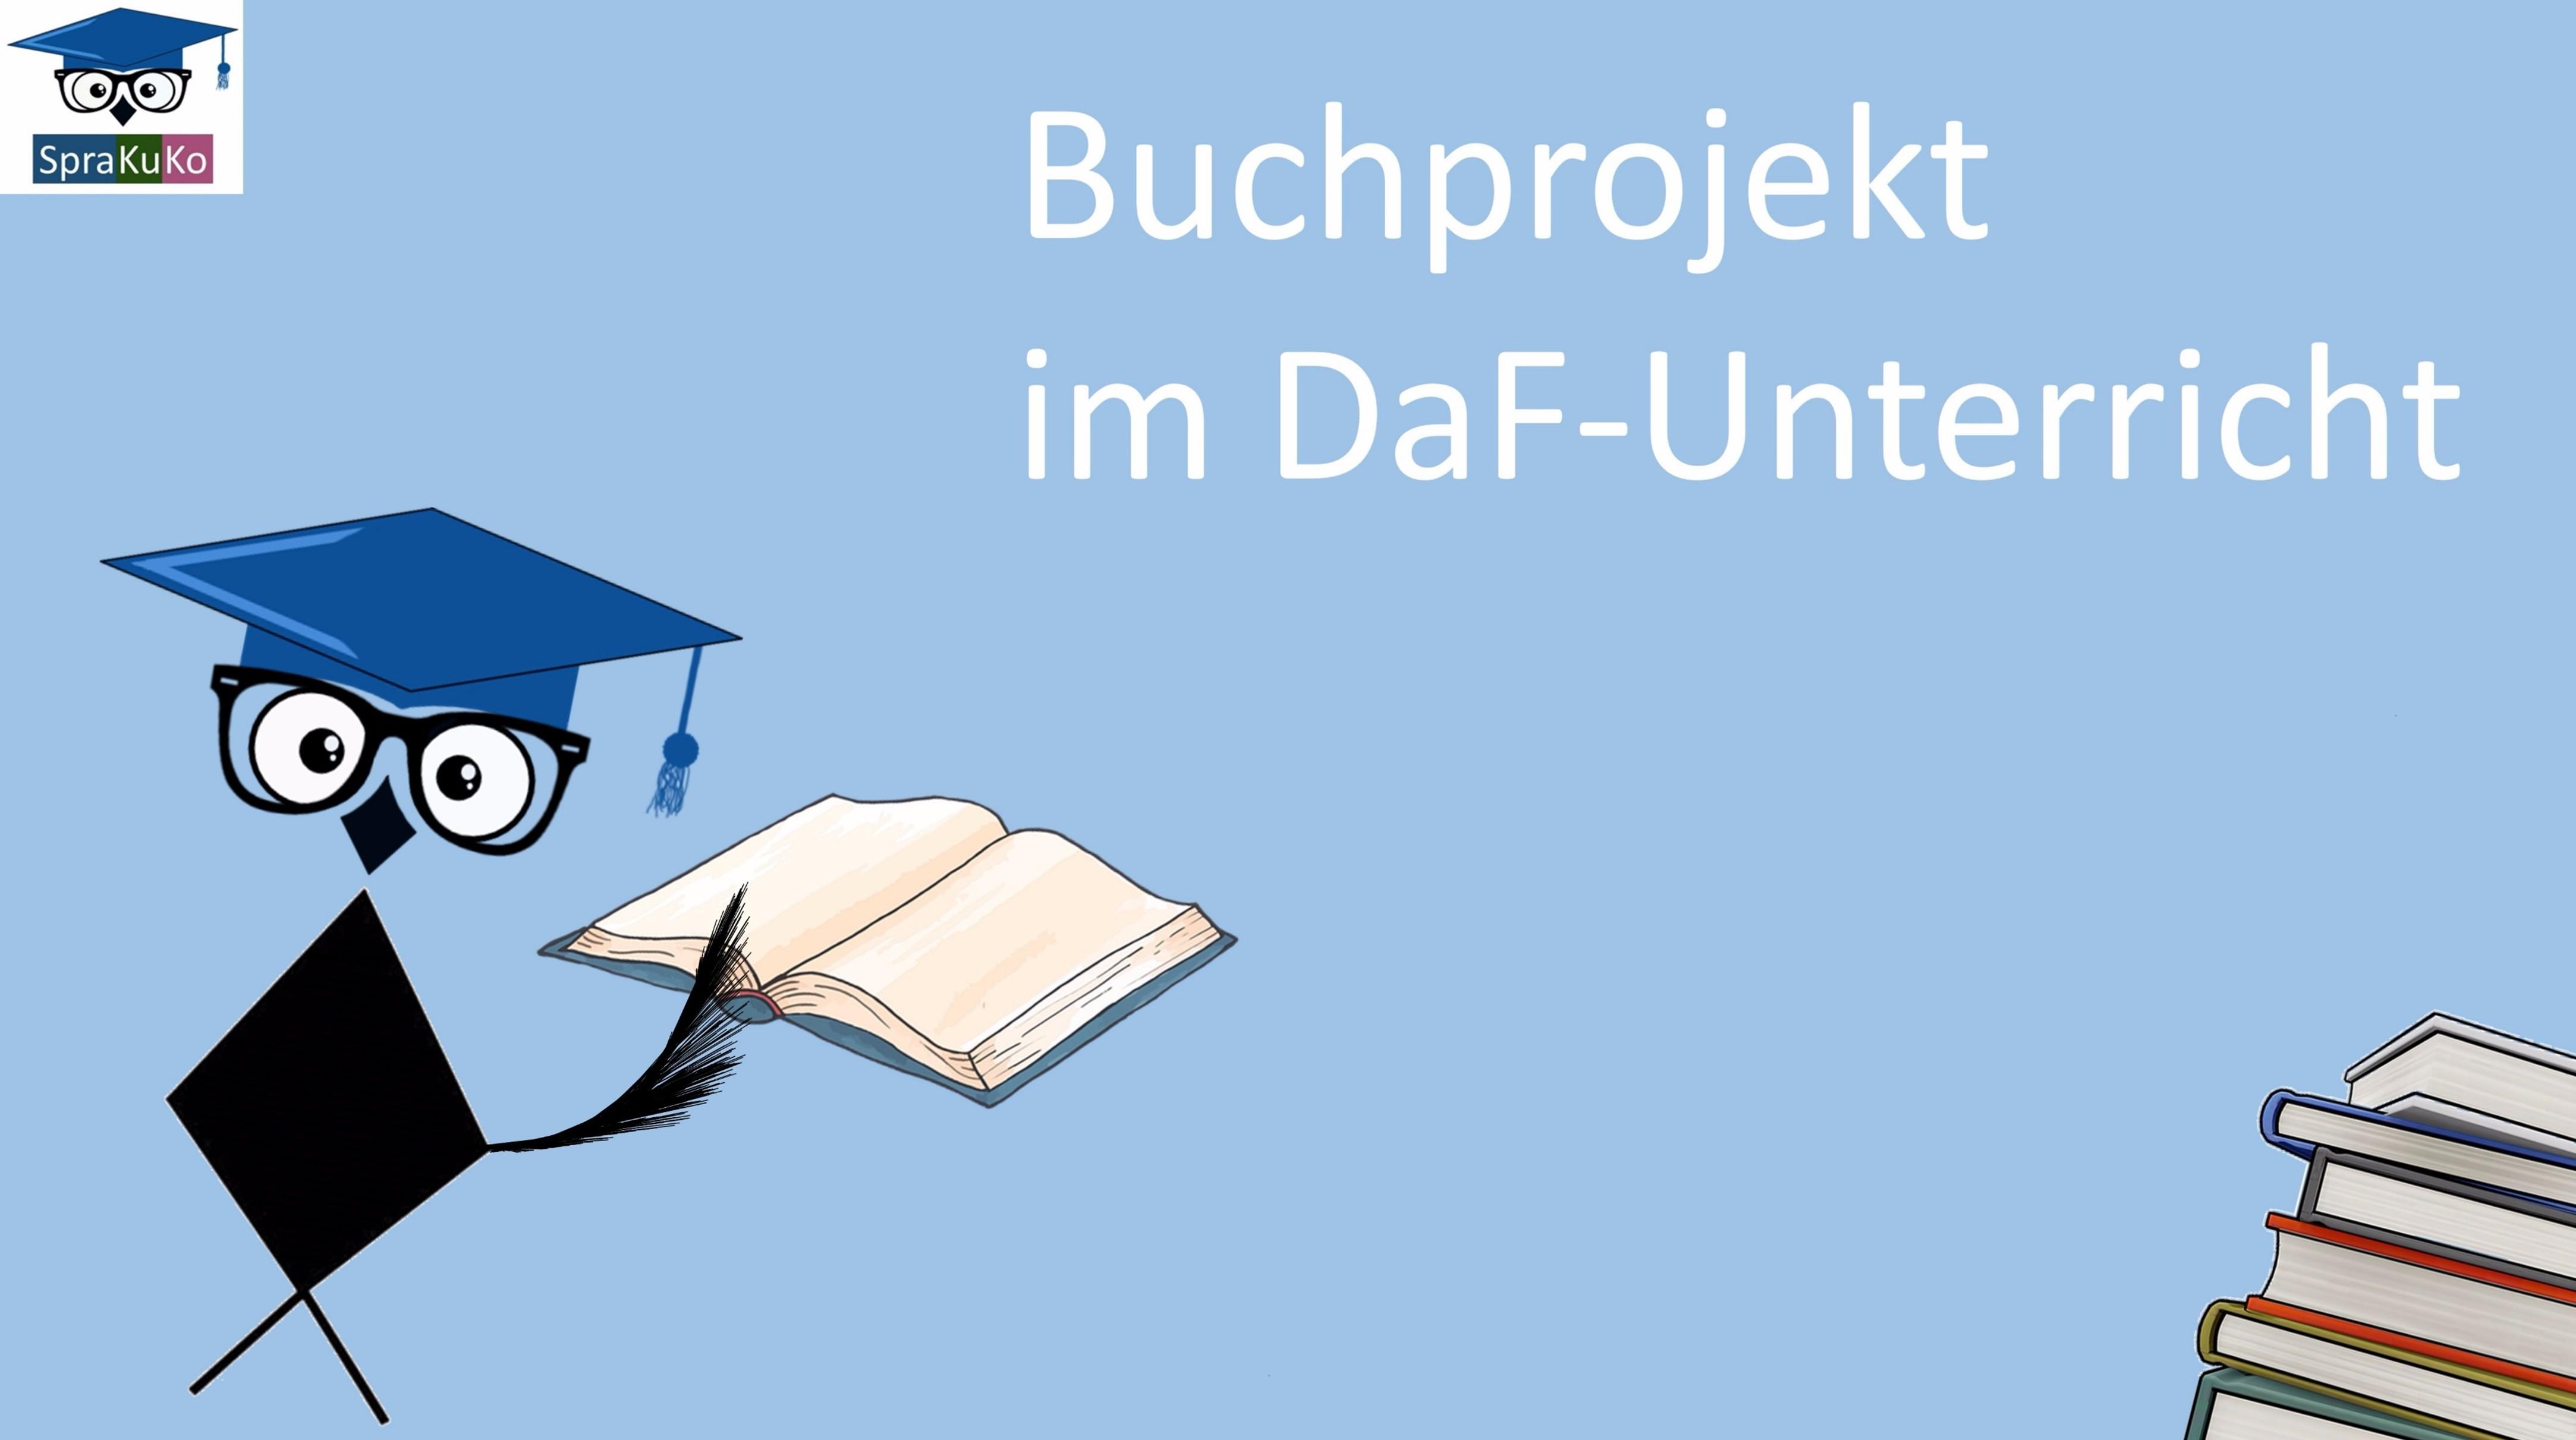 Buchprojekt im DaF-Unterricht